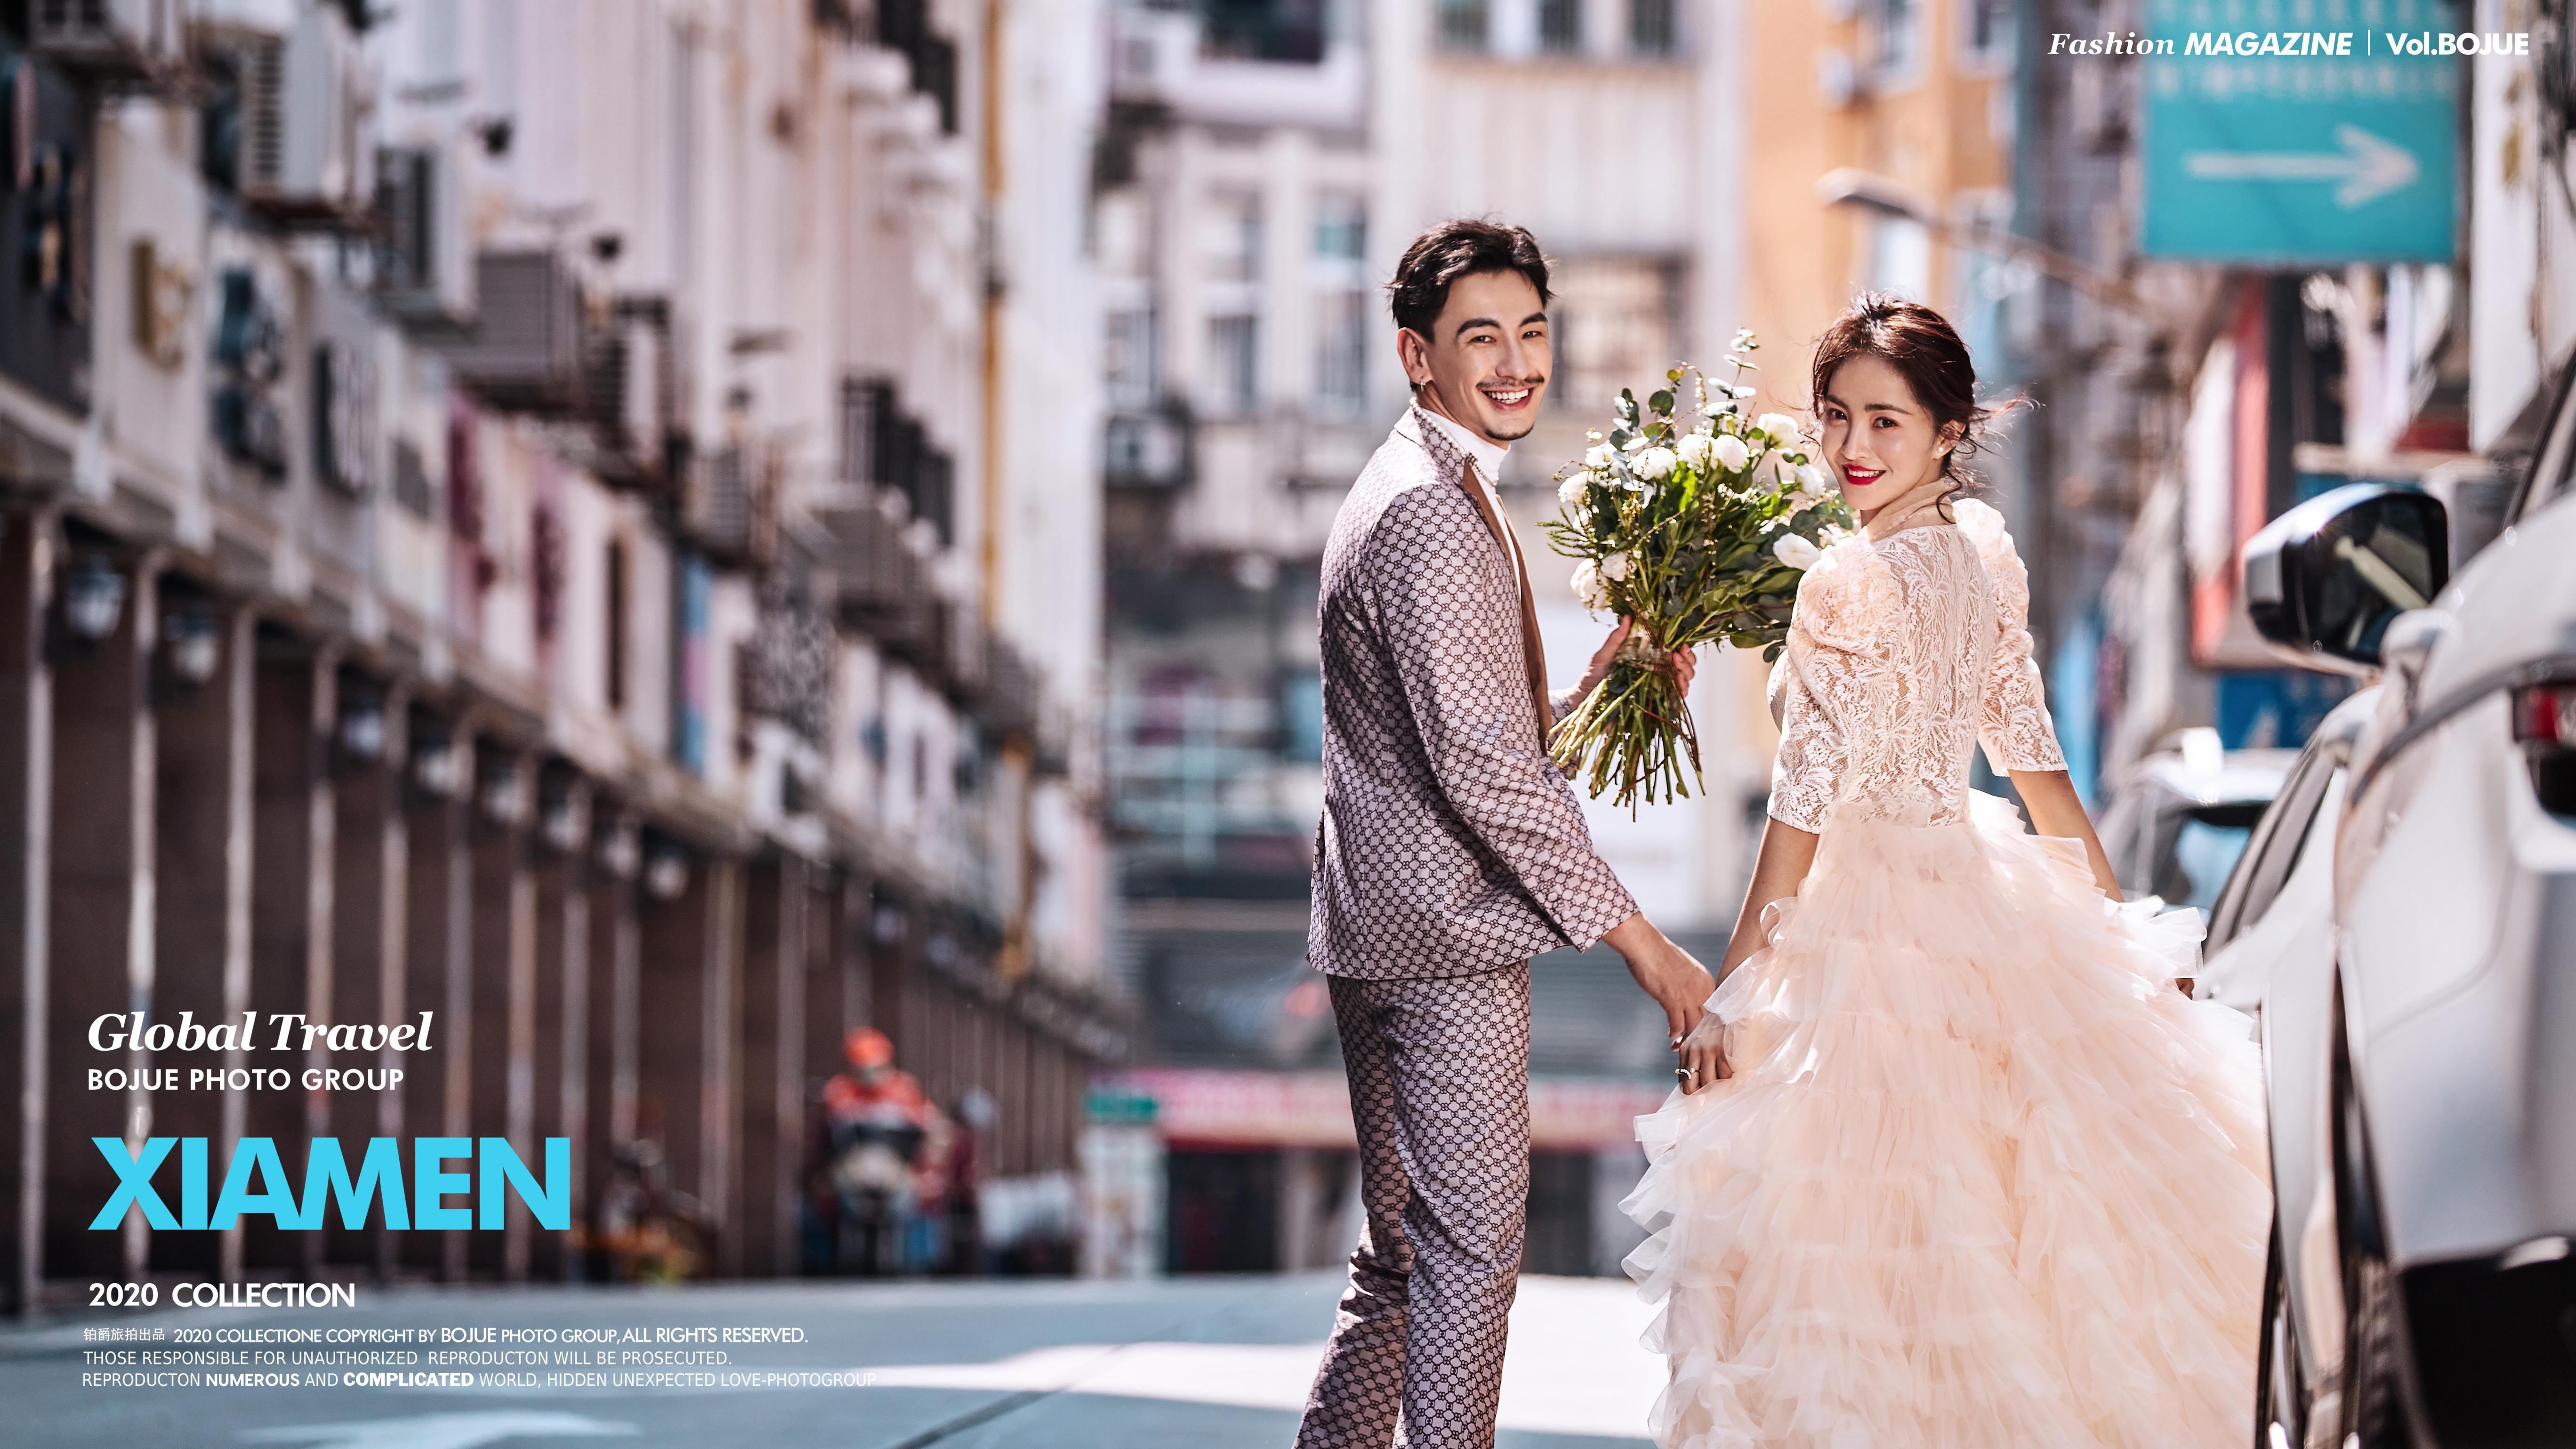 厦门植物园婚纱照拍摄技巧 植物园婚纱照怎么拍好看 有哪些景点可以选择